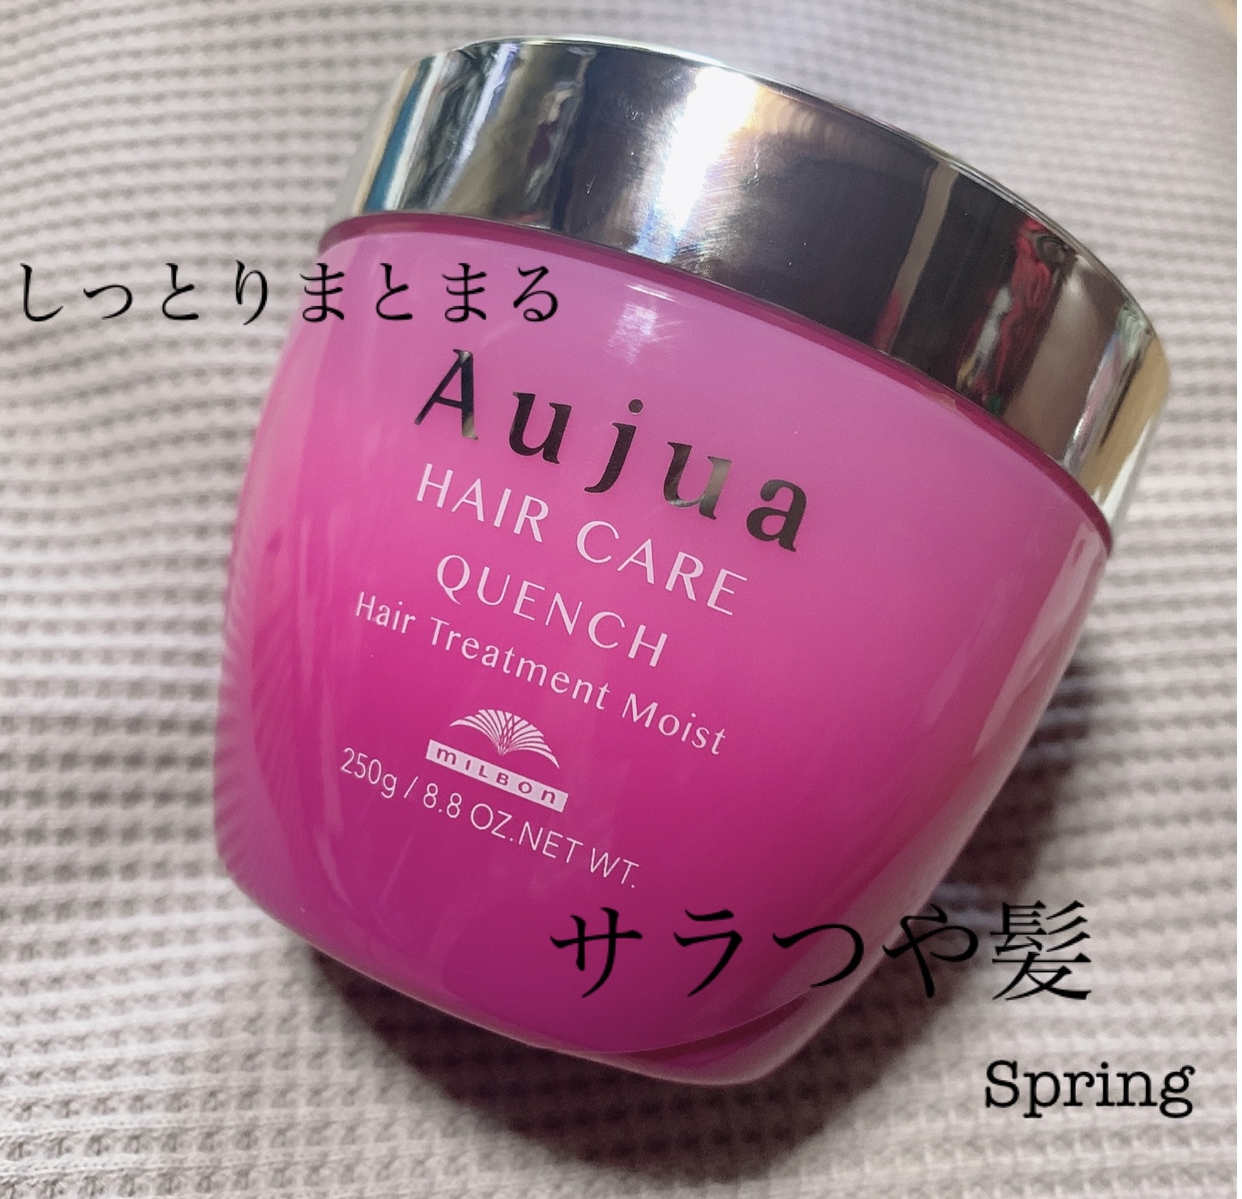 Aujua(オージュア) クエンチ ヘアトリートメント モイストを使ったspringさんのクチコミ画像1